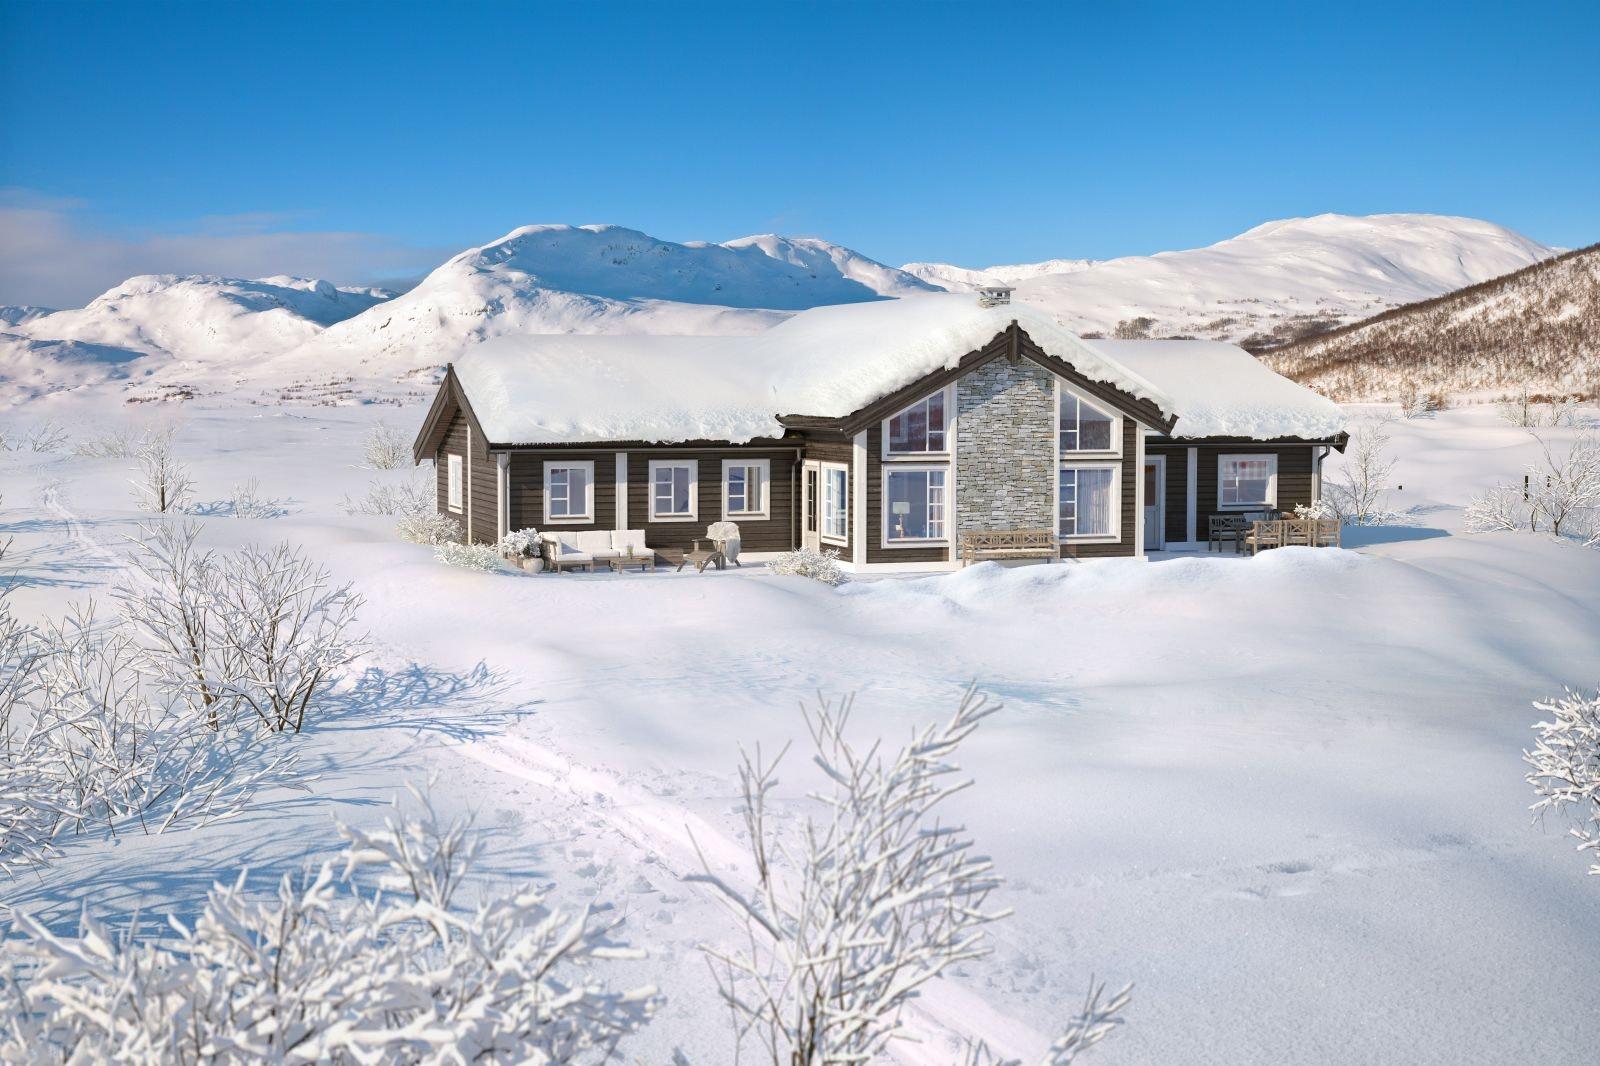 Storstuggu i Rondeblikk. Staselig hytte prosjektert på en av topp tomtene i nytt felt i Folldalen. Direkte utsyn mot Rondane.